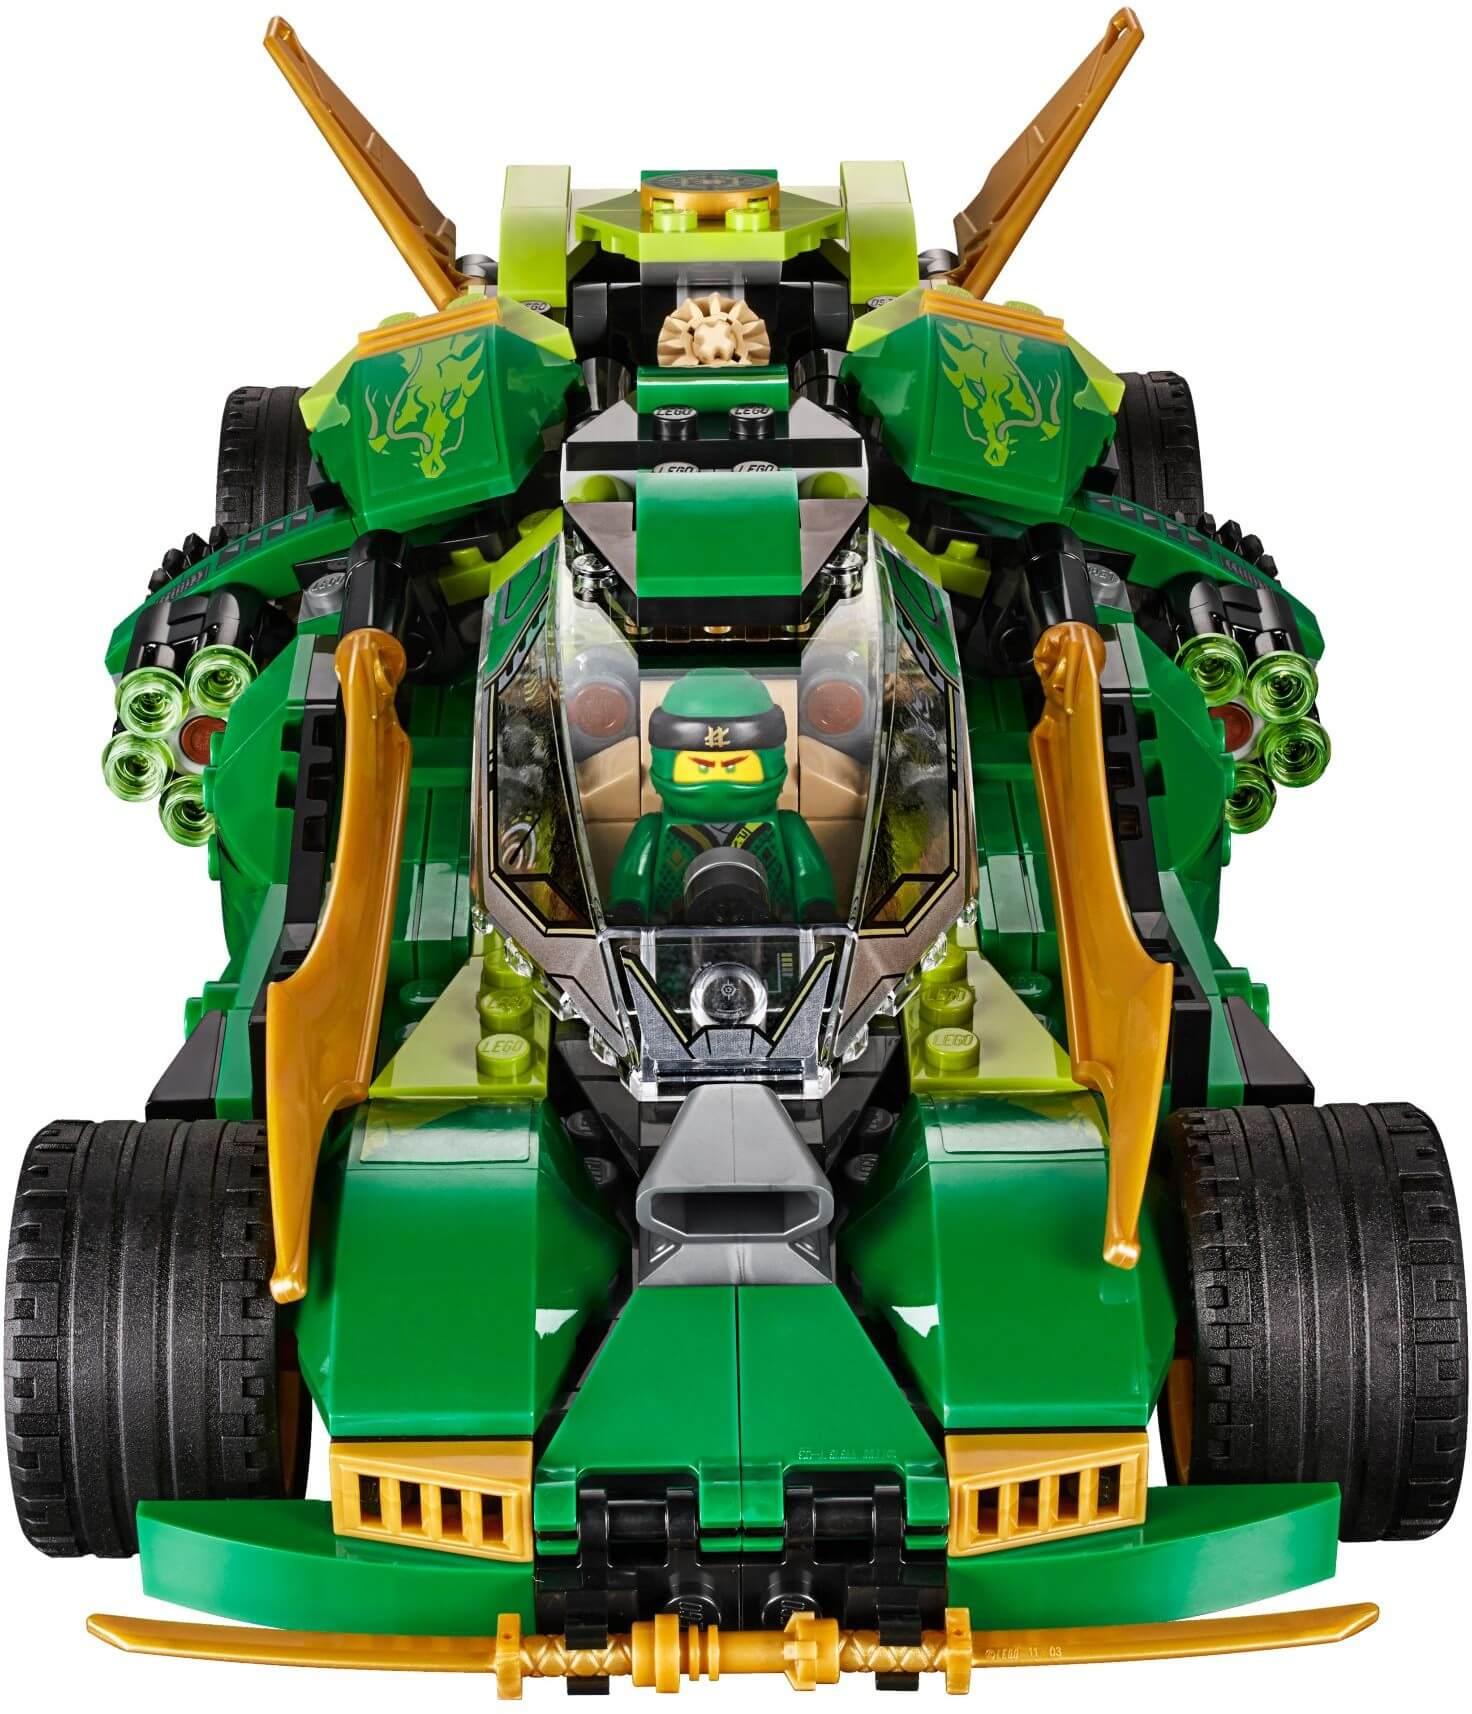 Mua đồ chơi LEGO 70641 - LEGO Ninjago 70641 - Xe Đua Bóng Đêm của Ninja (LEGO Ninjago 70641 Ninja Nightcrawler)